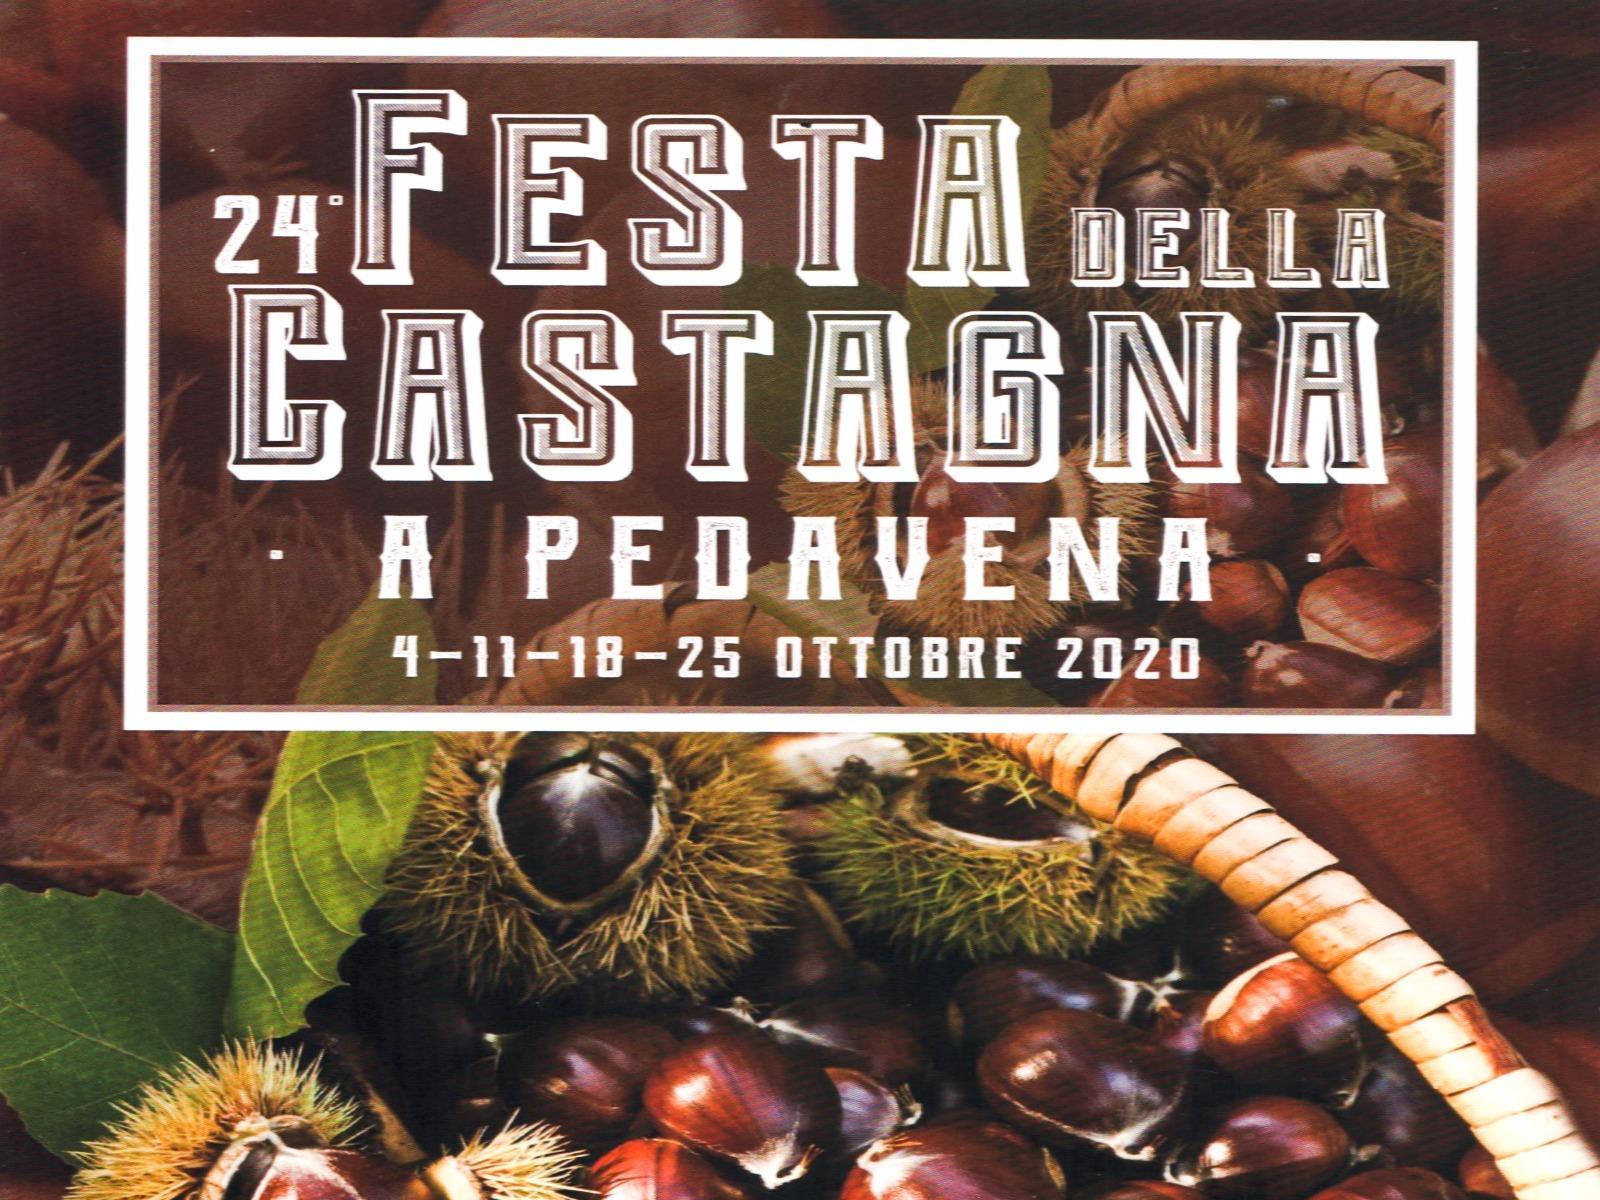 Locandina Festa della Castagna 2 di 2